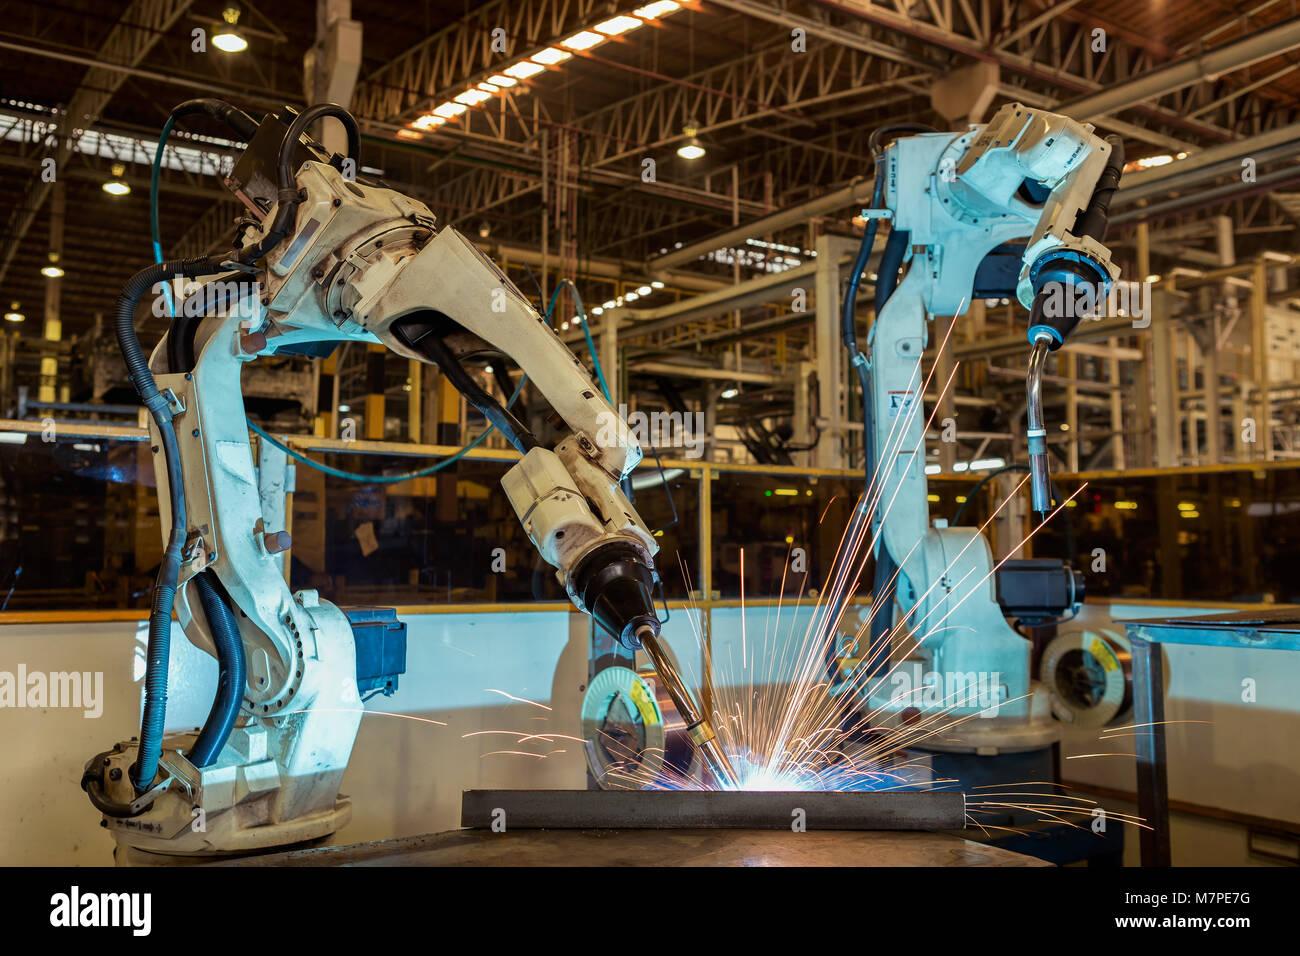 Equipo de soldadura son robots en la fábrica de automóviles Foto de stock